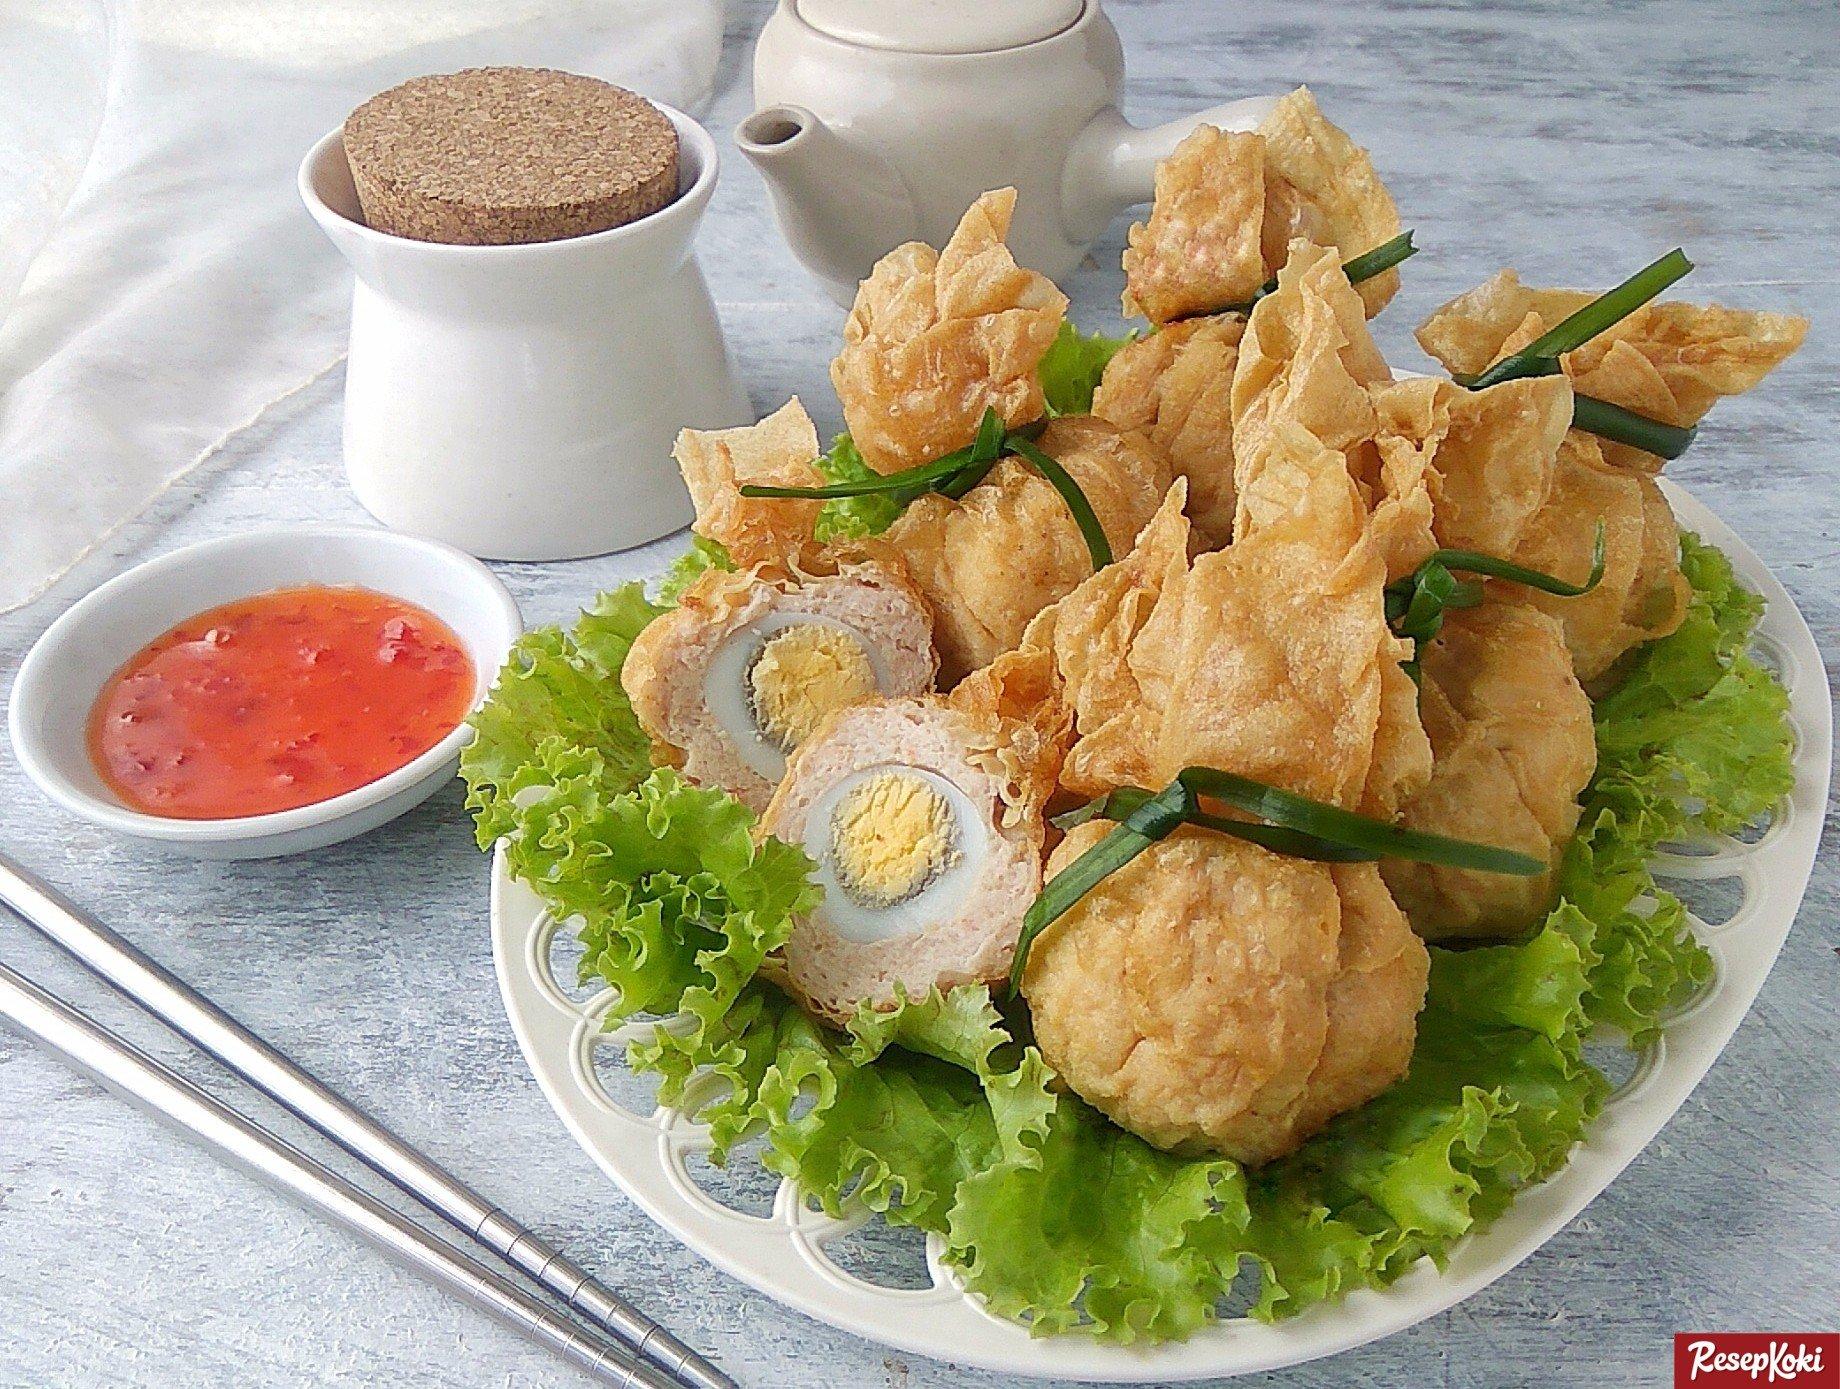 Resep Kue Ikan Jepang: Ekkado Renyah Gurih Nikmat Ala Jepang - Resep